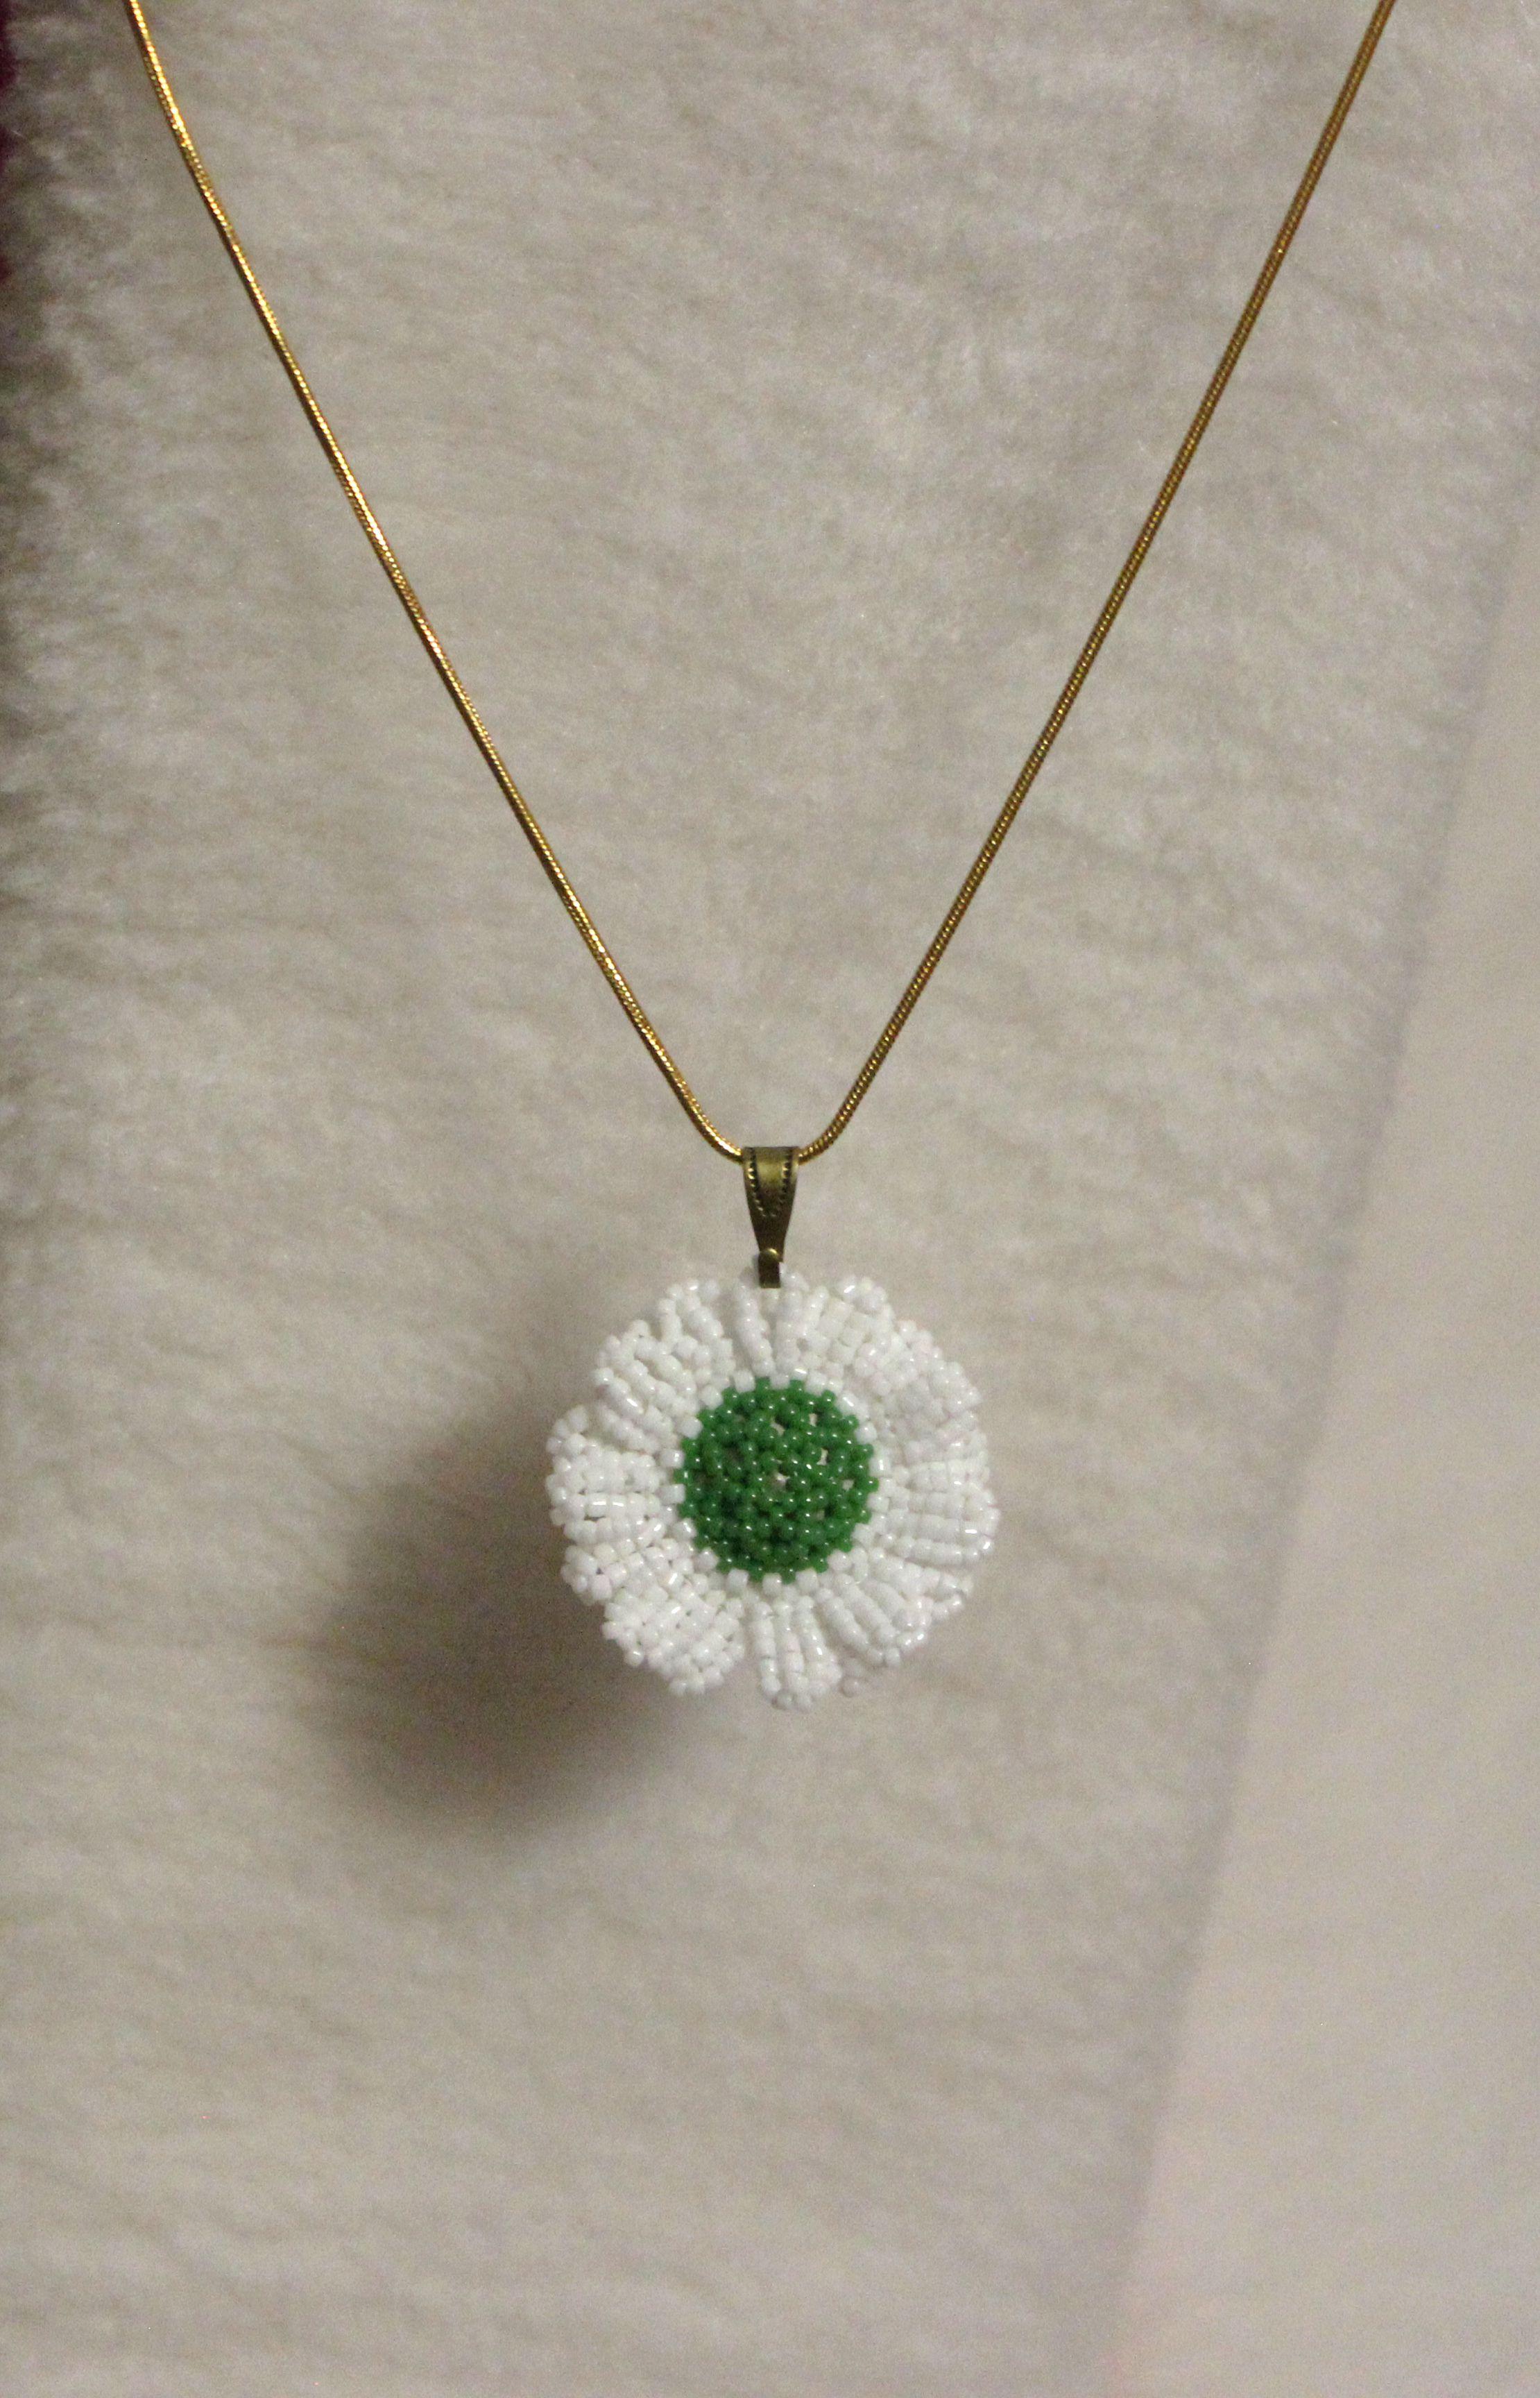 зеленый бисер кулон сваровски цветок желтый кристалл украшения подвеска ромашка белый бижутерия